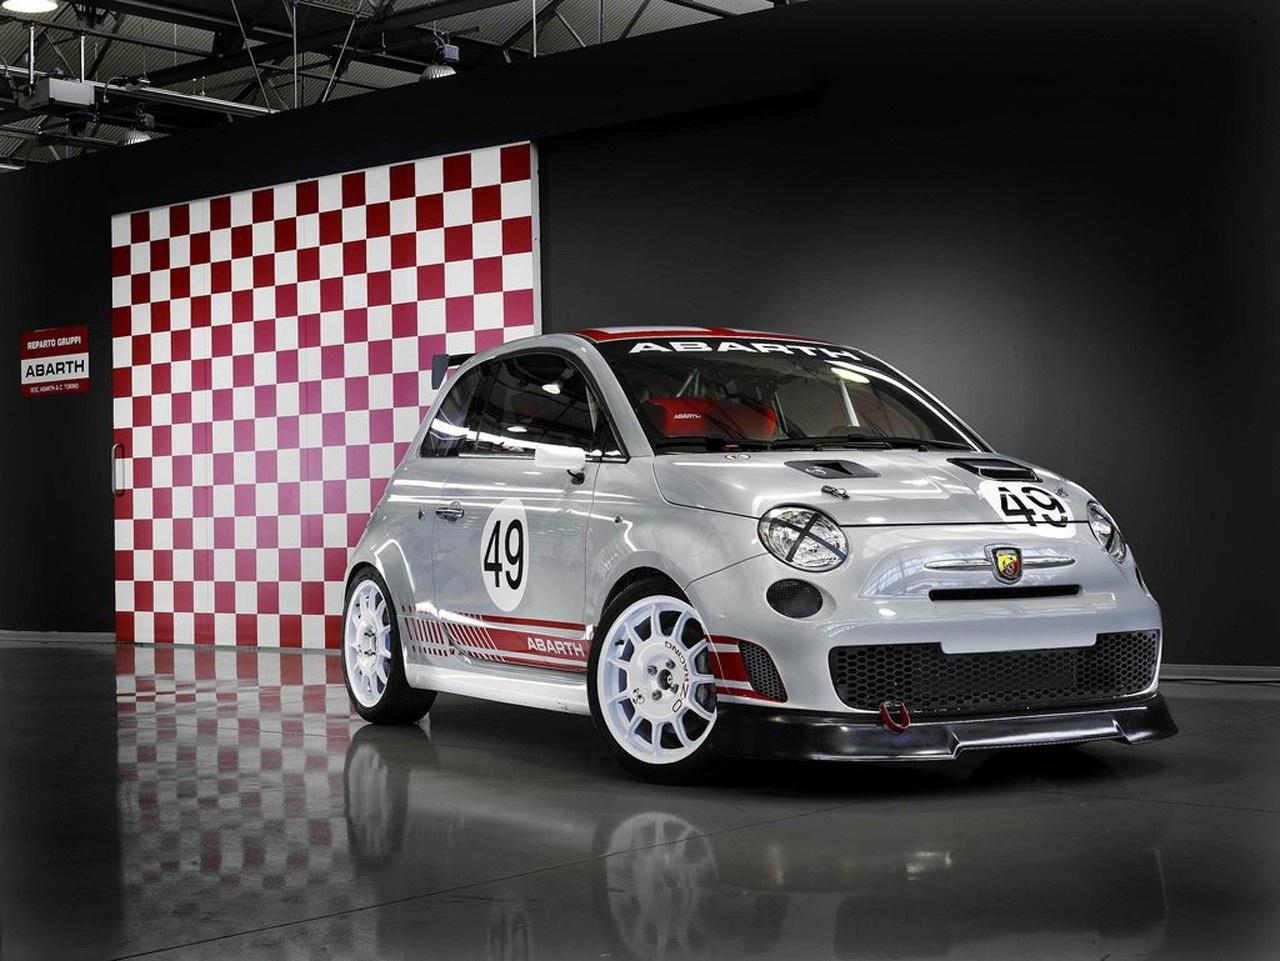 Imagini Fiat 500 Abarth Essesse Primele Imagini Oficiale